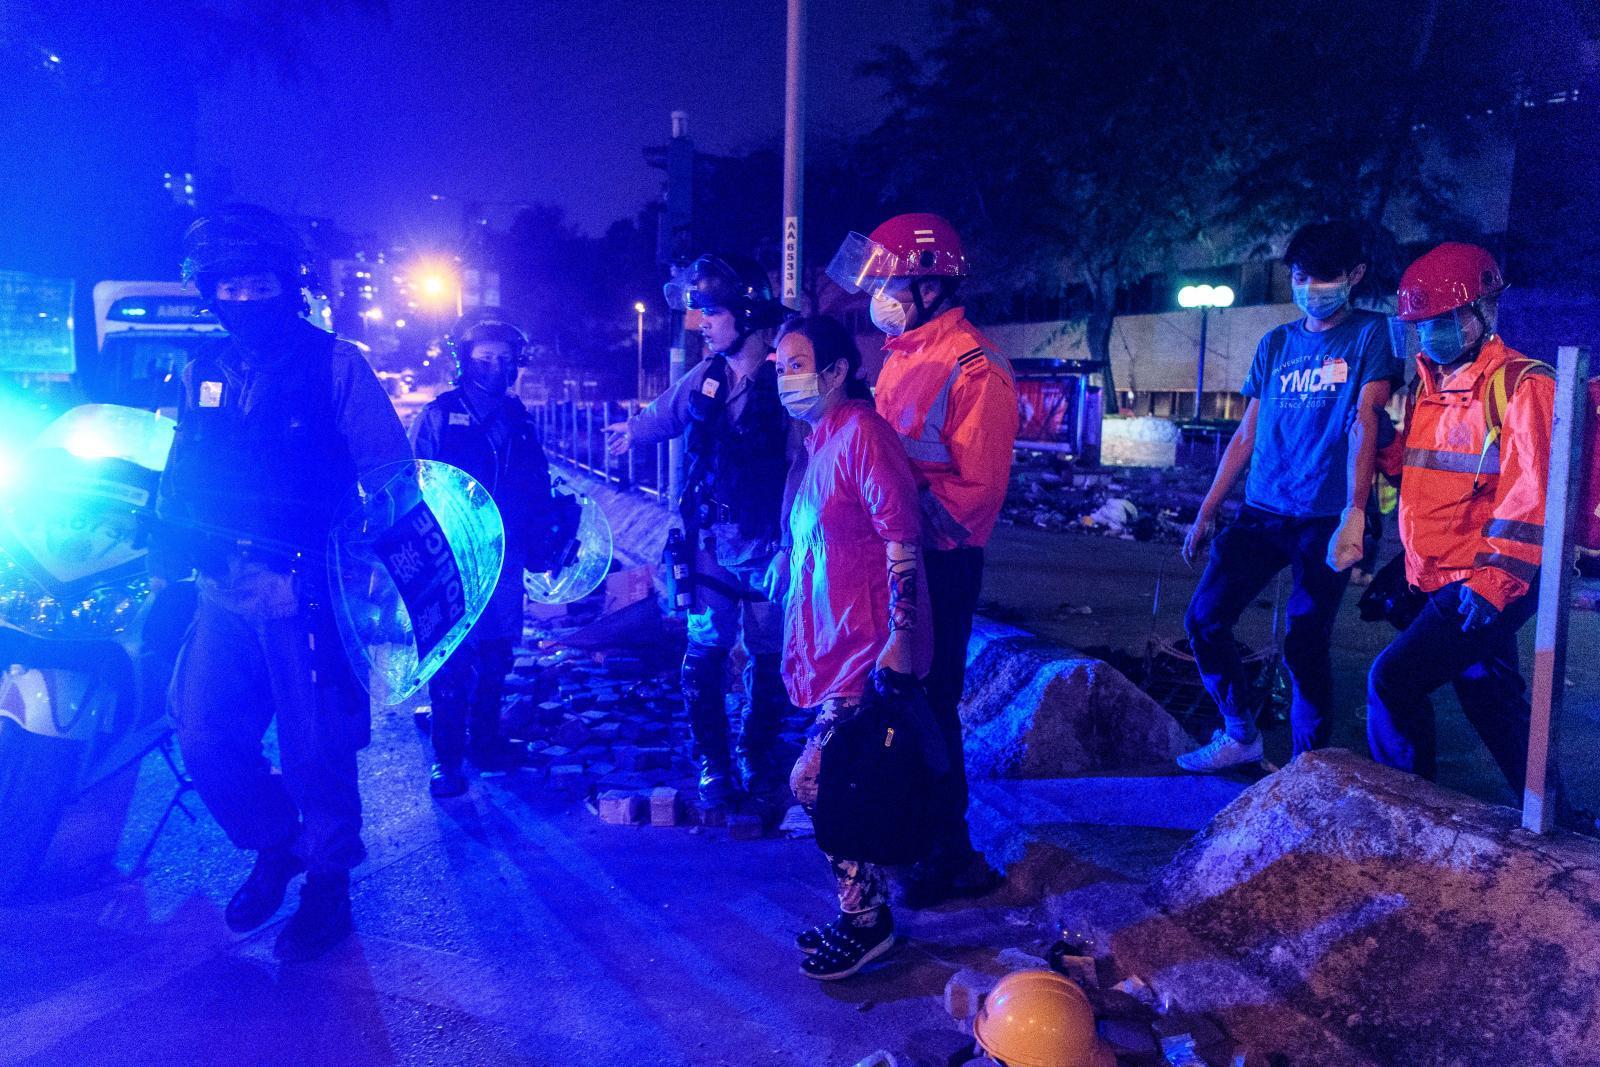 ม็อบฮ่องกงยังไร้ทางหนี แม้เสี่ยงตายมุดท่อฝ่าวงล้อมตำรวจ